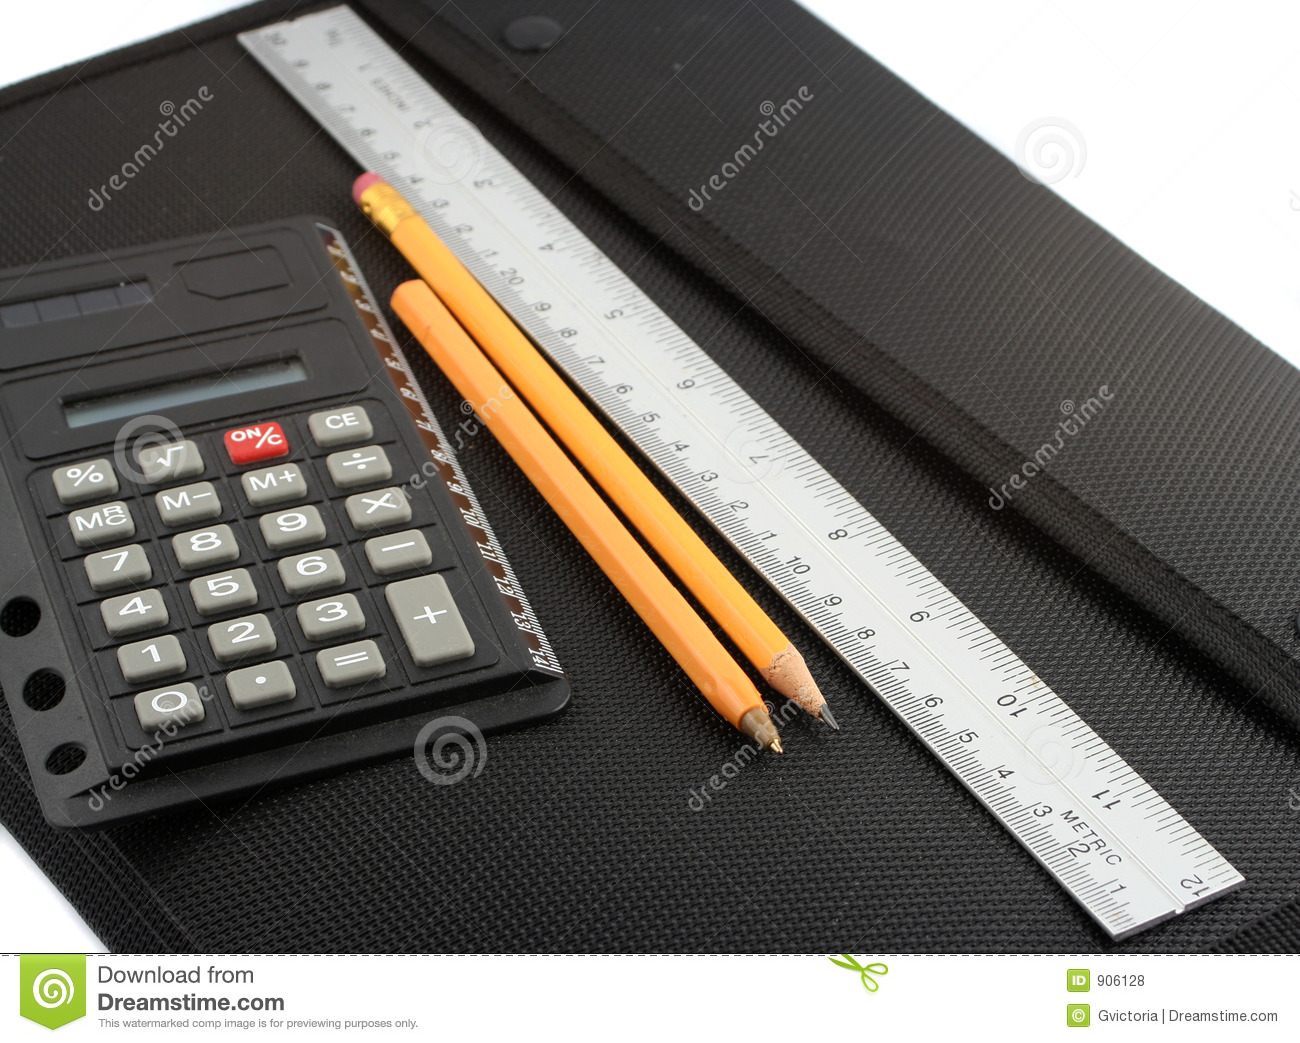 Что можно взять с собой на егэ по математике 2018